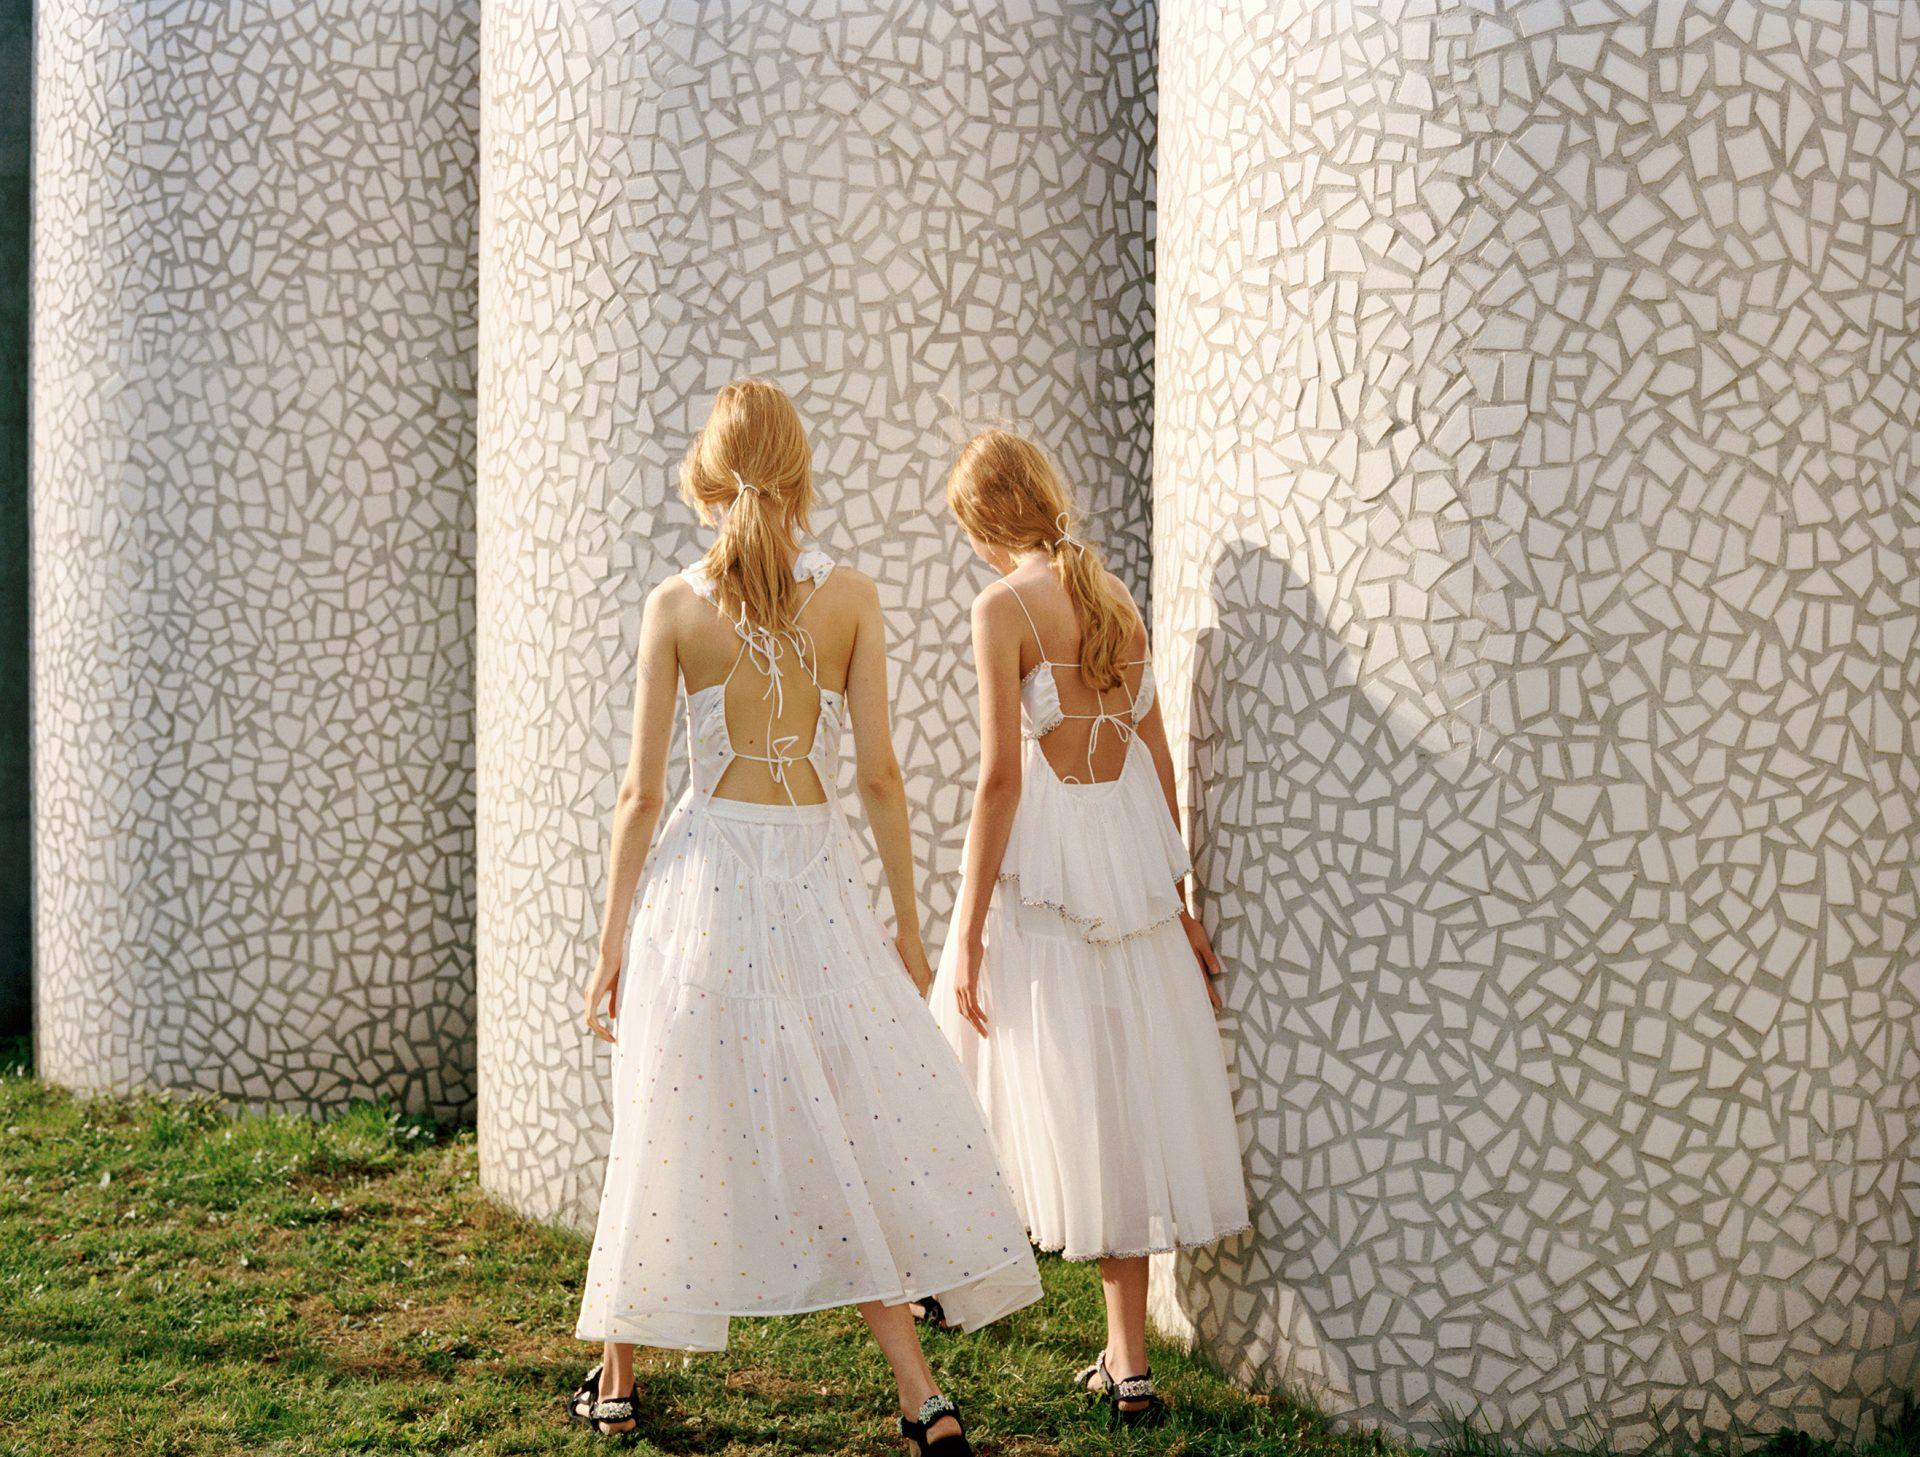 Interview with Danish fashion designer Cecilie Bahnsen